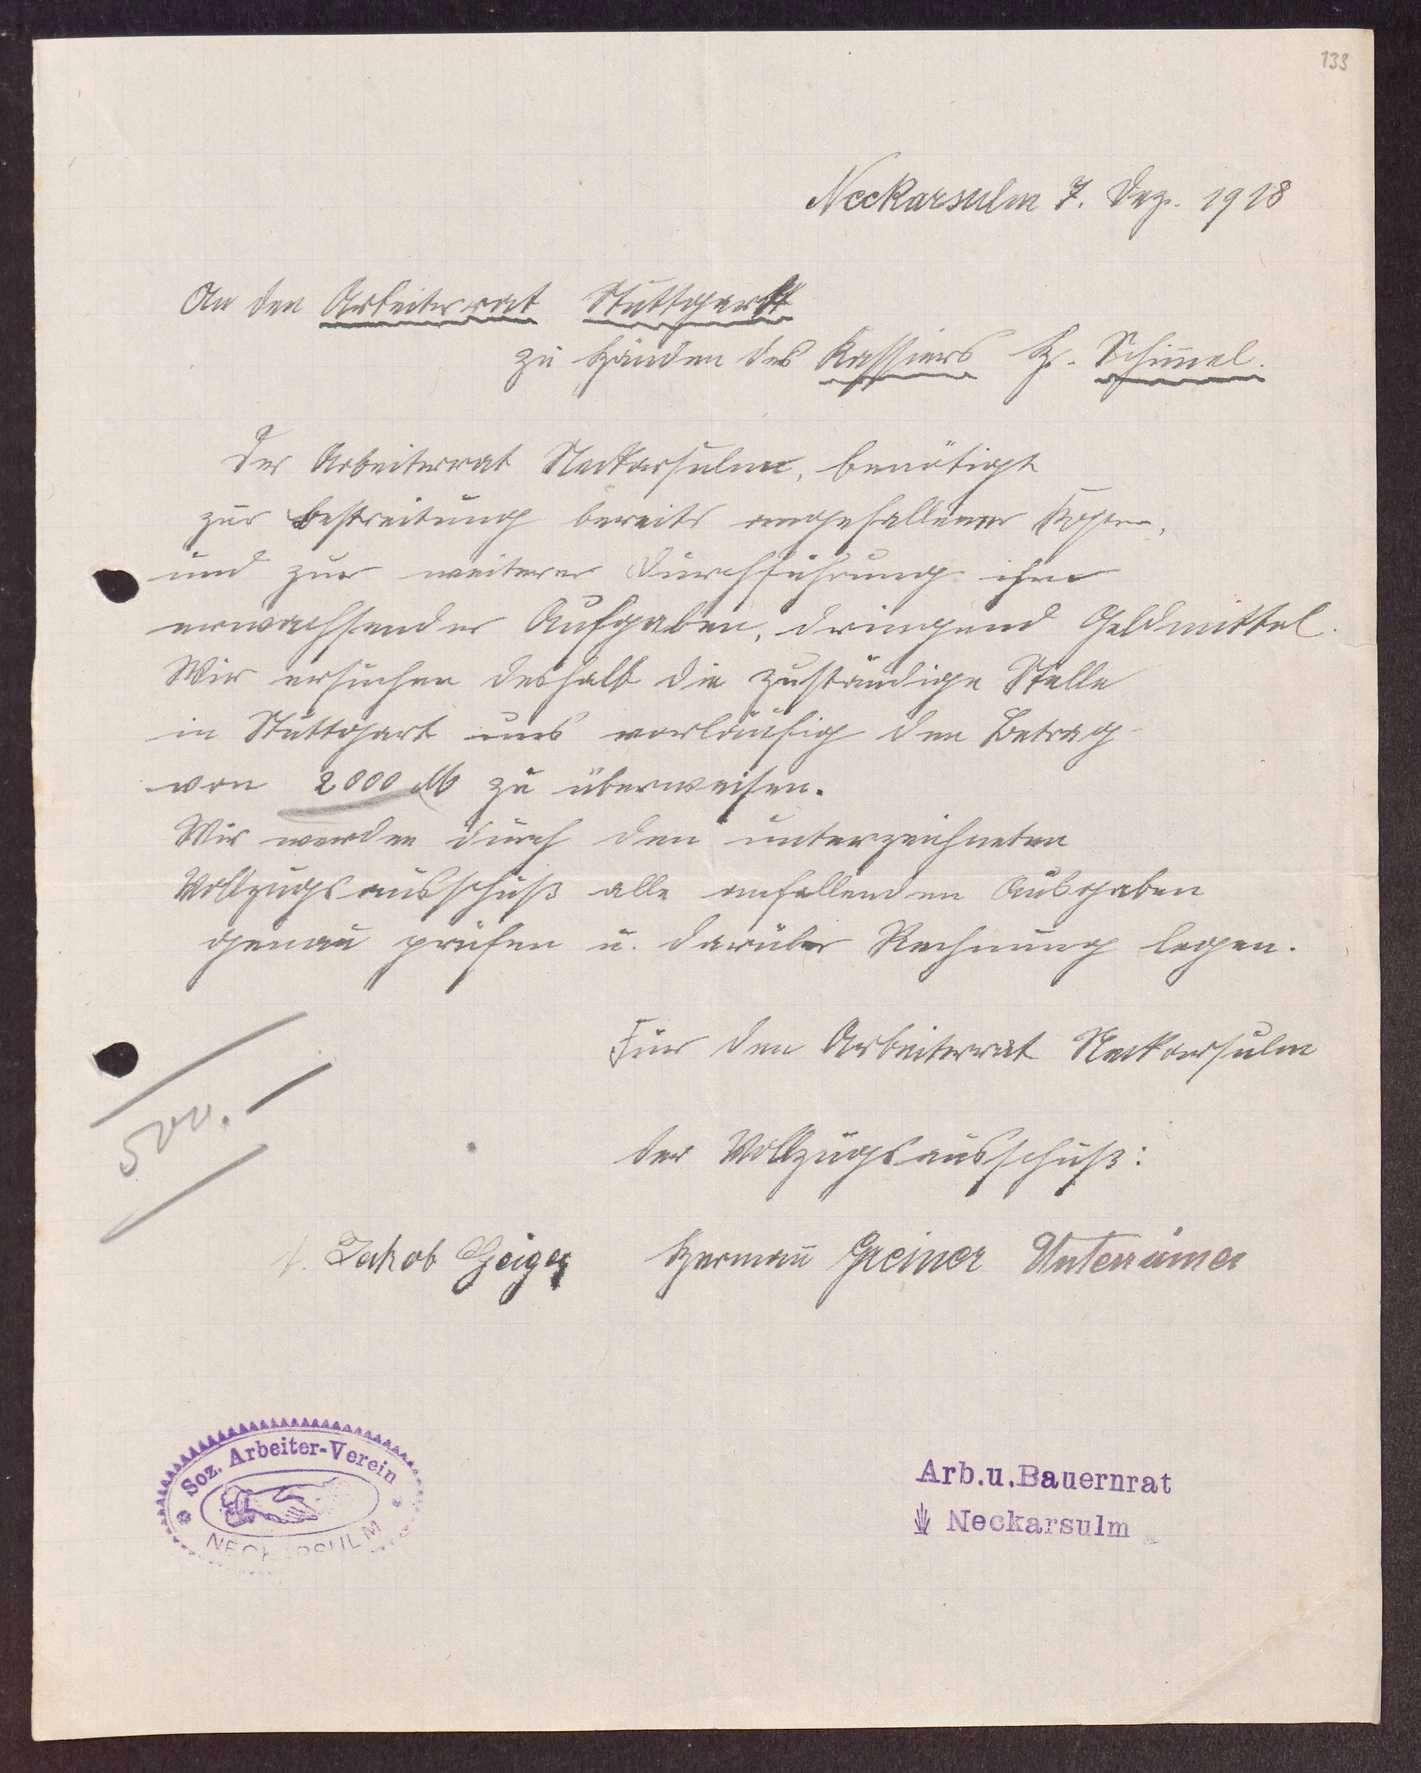 Finanzierung und Rechnungslegung örtlicher Arbeiter- und Bauernräte im Oberamt Neckarsulm, Bild 2